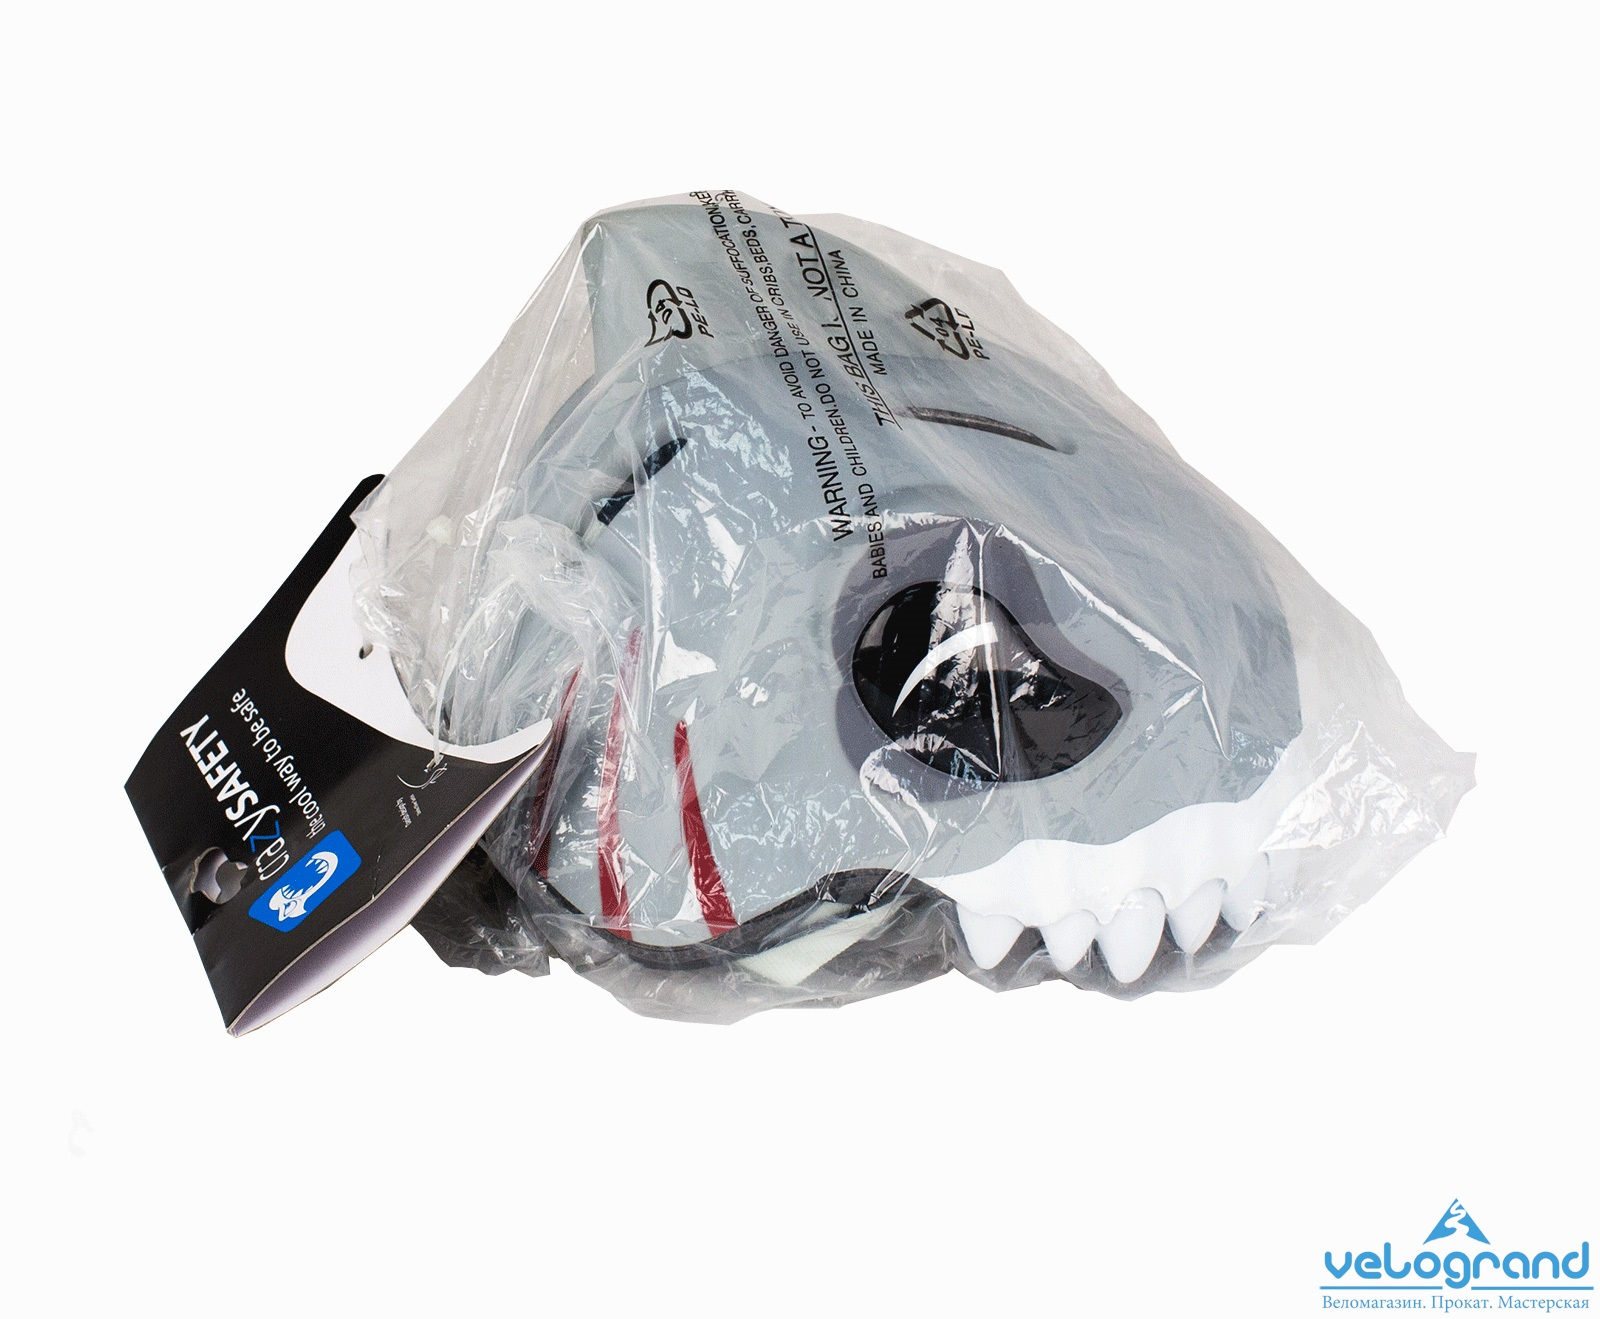 Защитный шлем белая акула от Velogrand